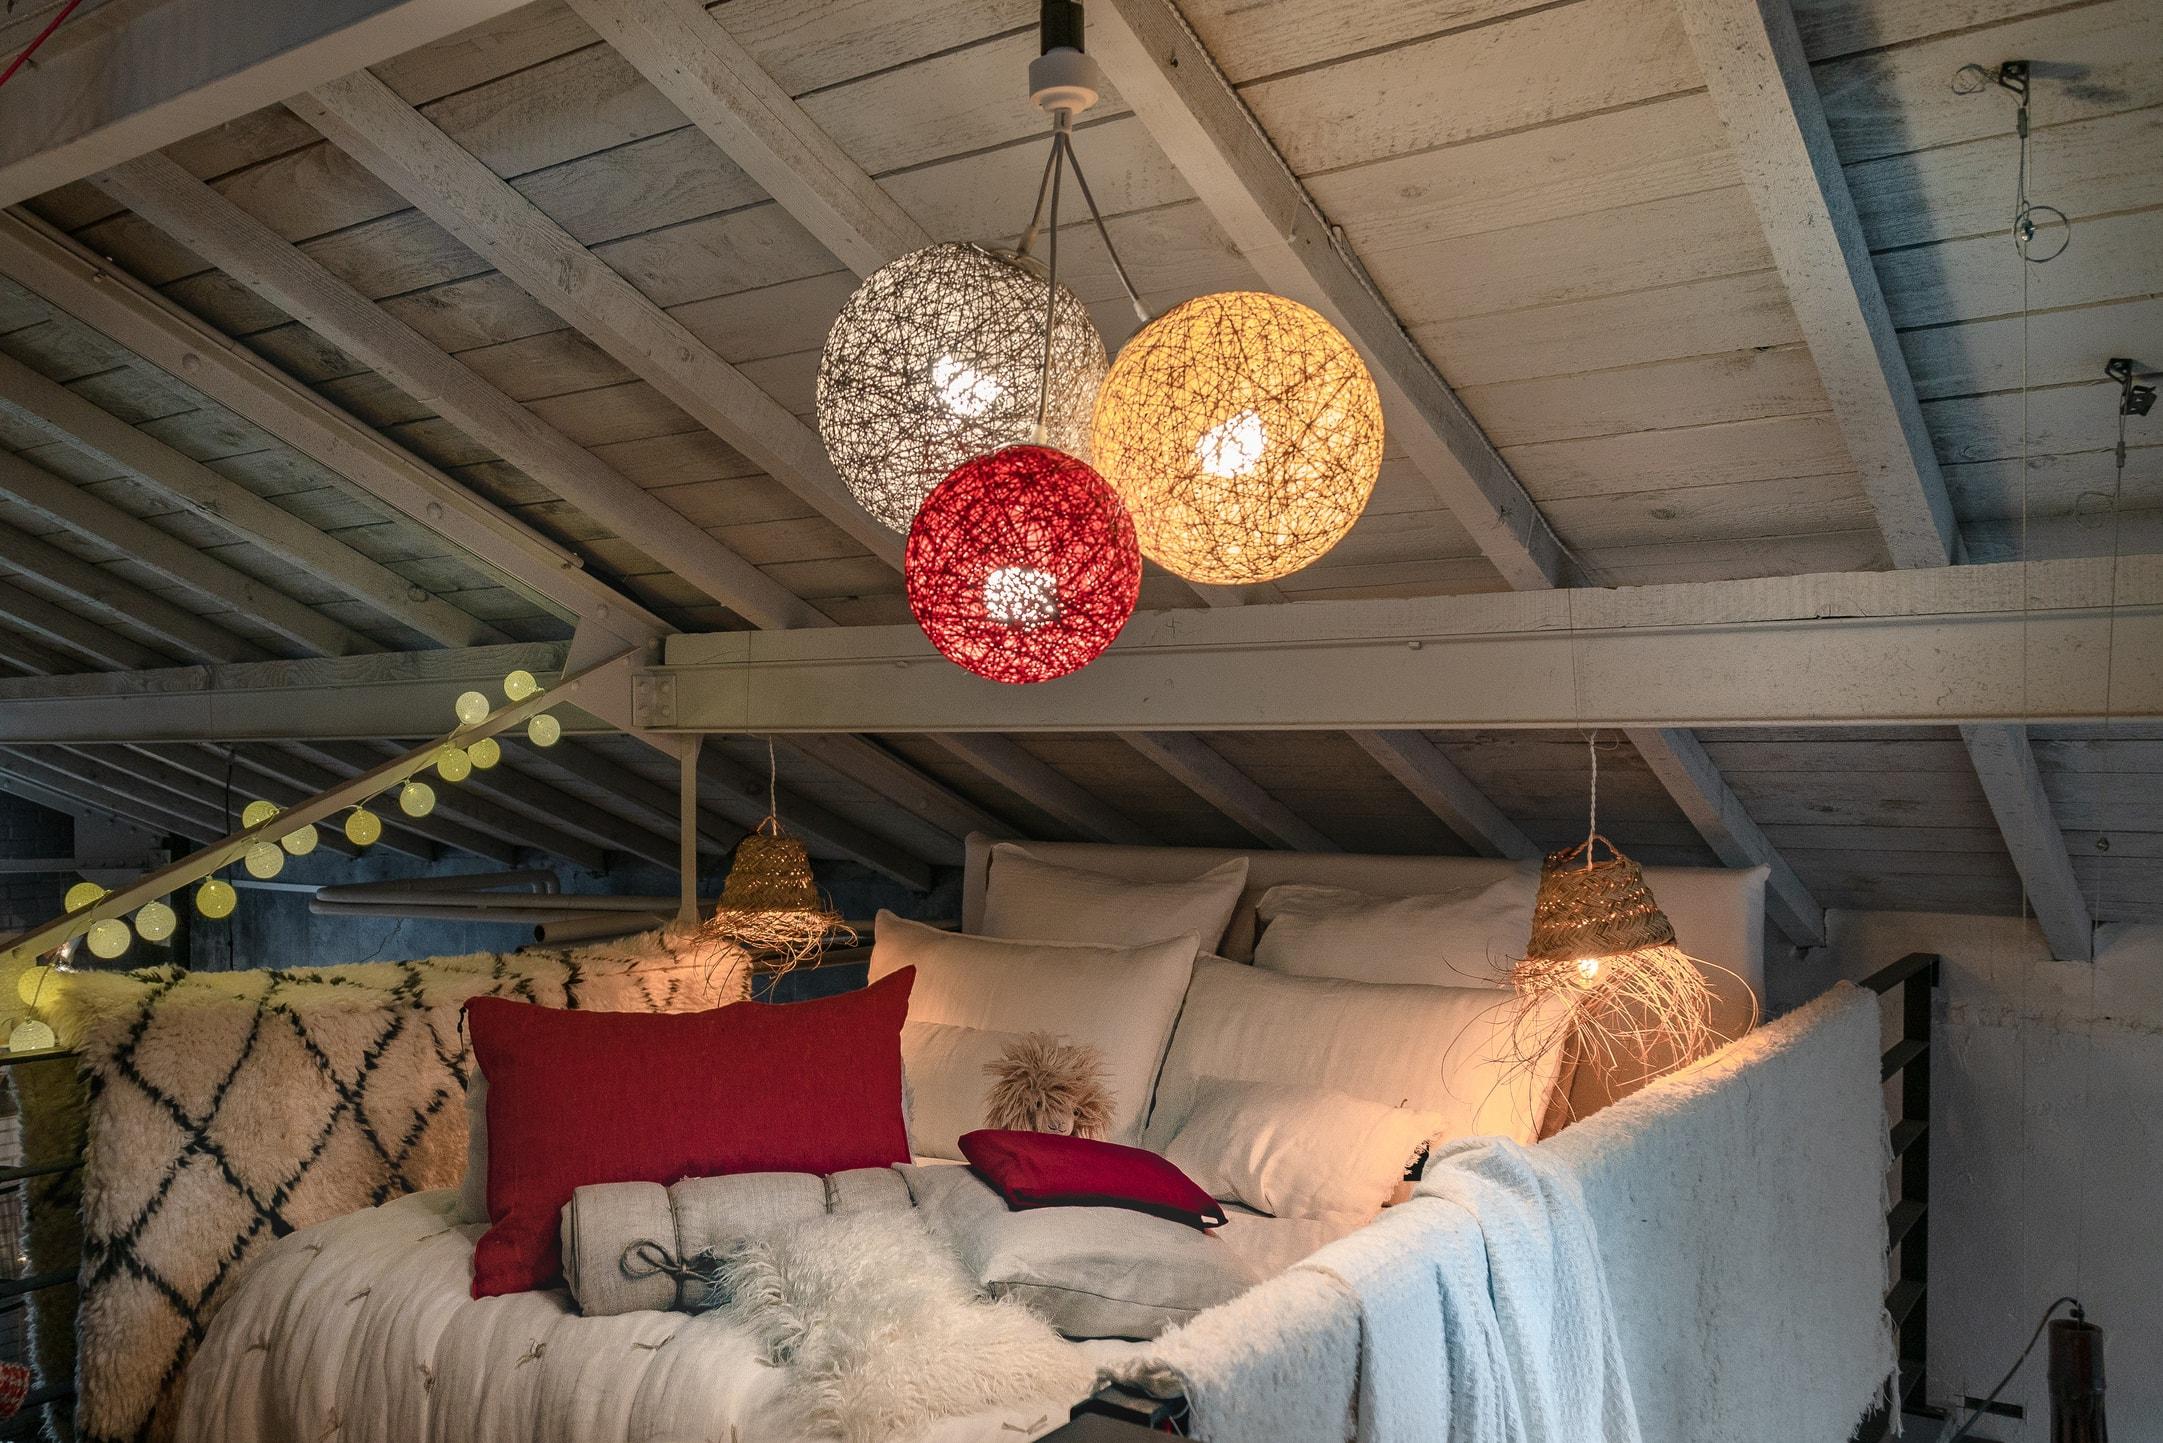 17 idées de décoration avec une guirlande lumineuse pour Noël